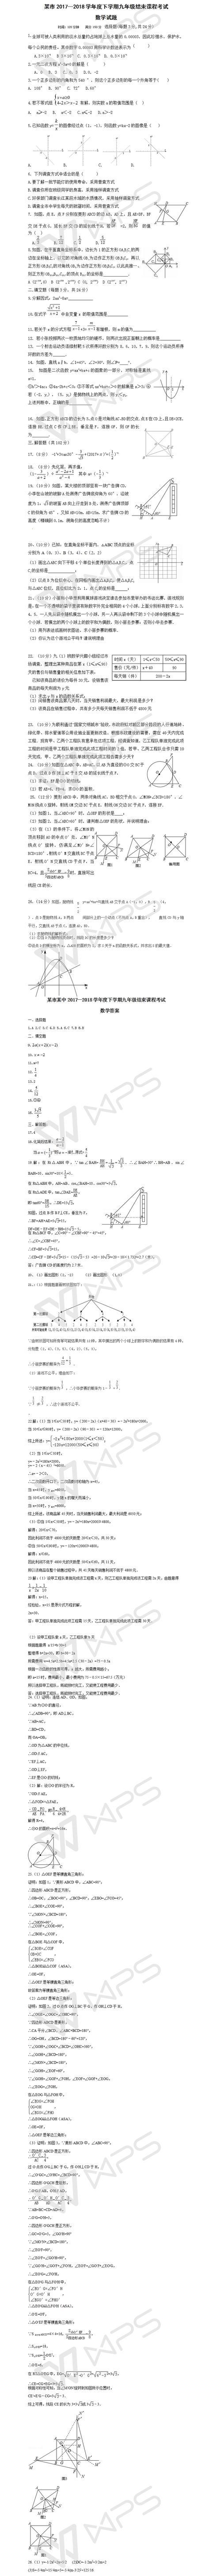 中考数学模拟卷一套(含标准答案)